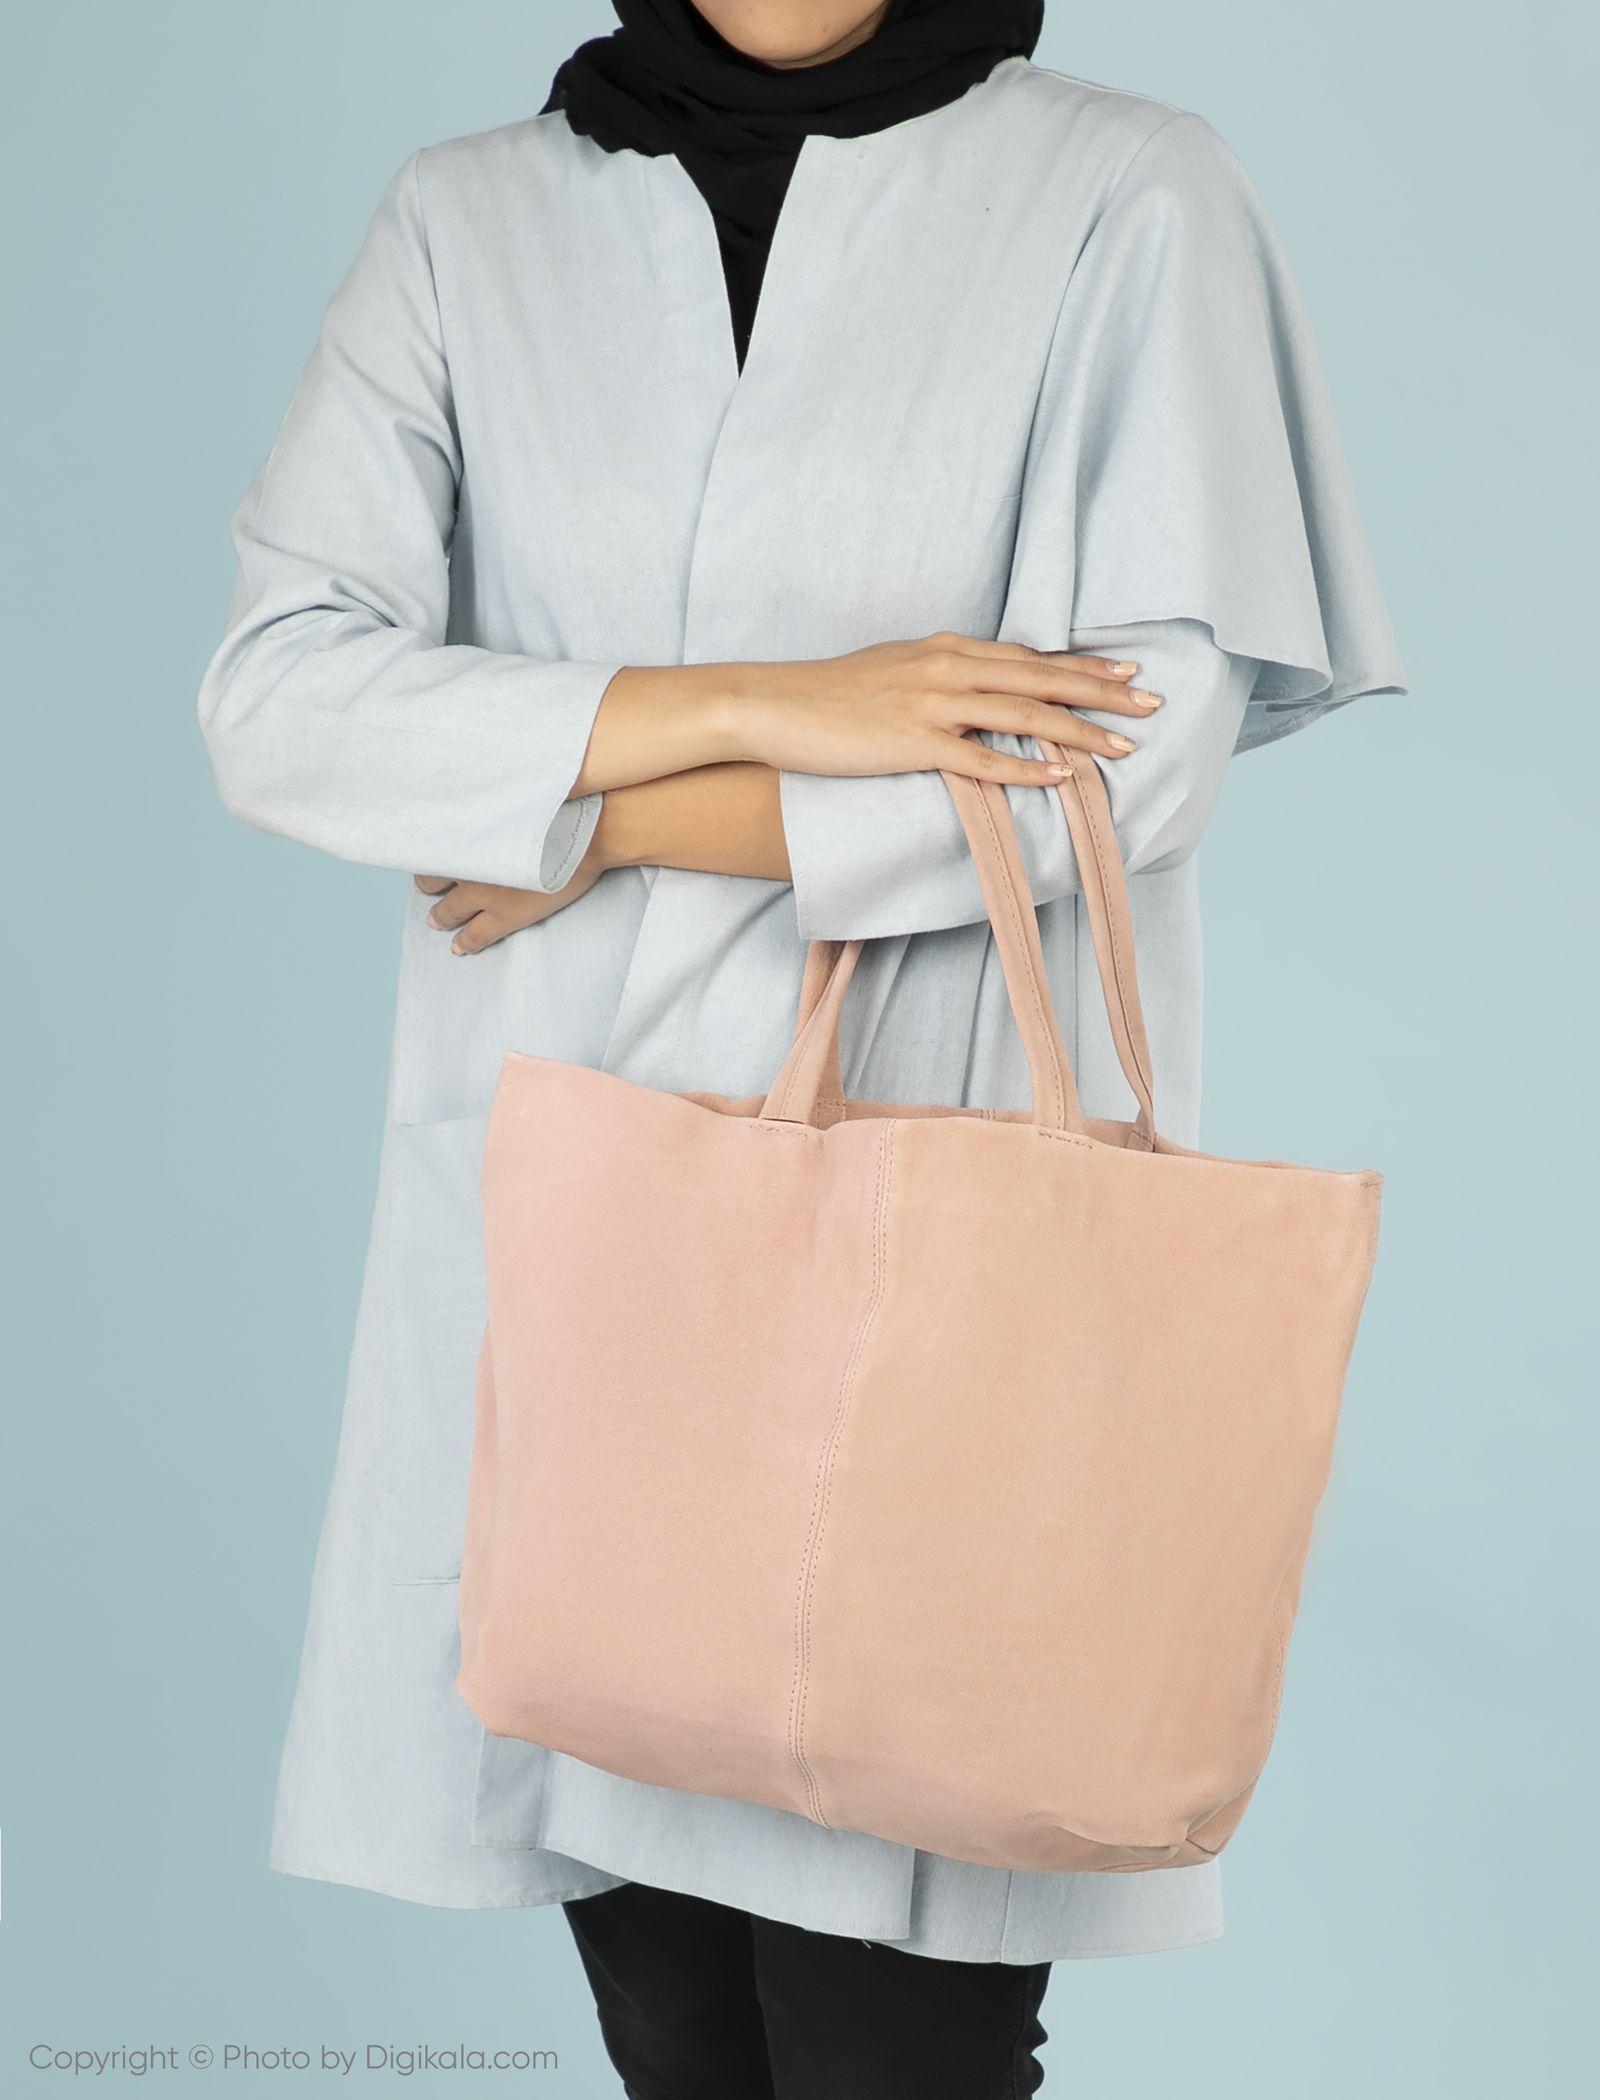 کیف دوشی روزمره زنانه - مانگو - صورتي کم رنگ - 2